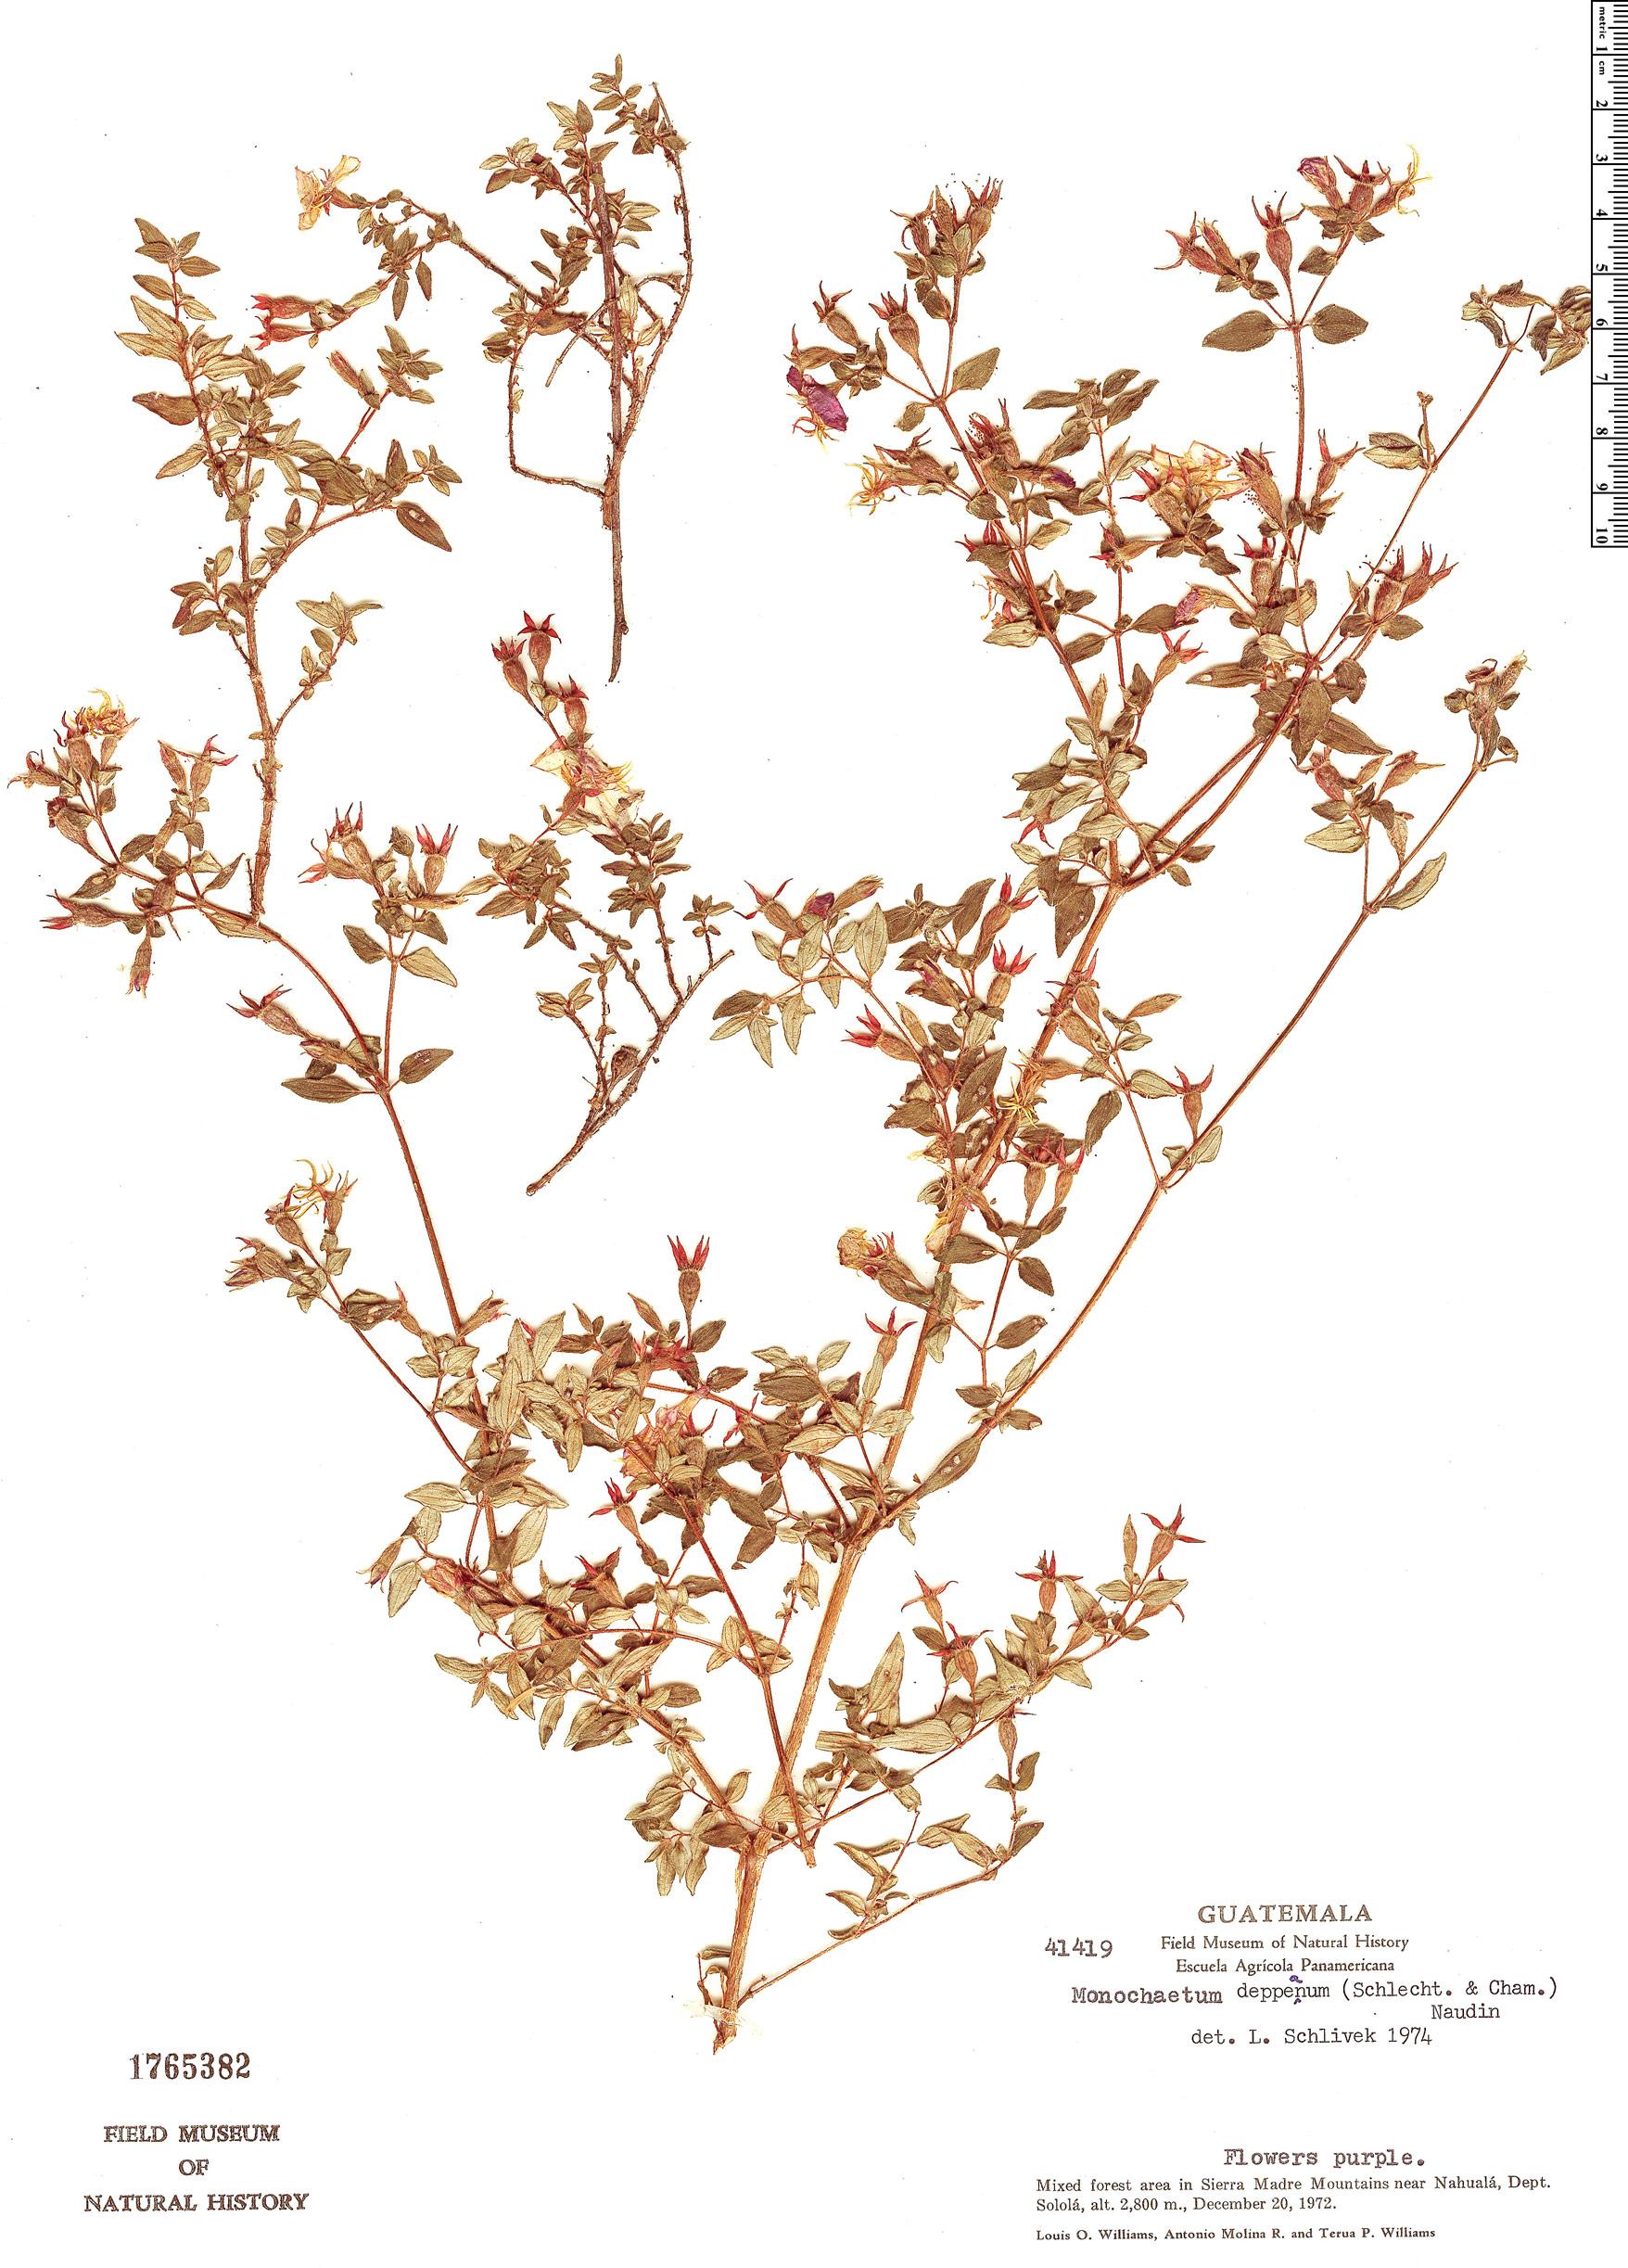 Specimen: Monochaetum deppeanum